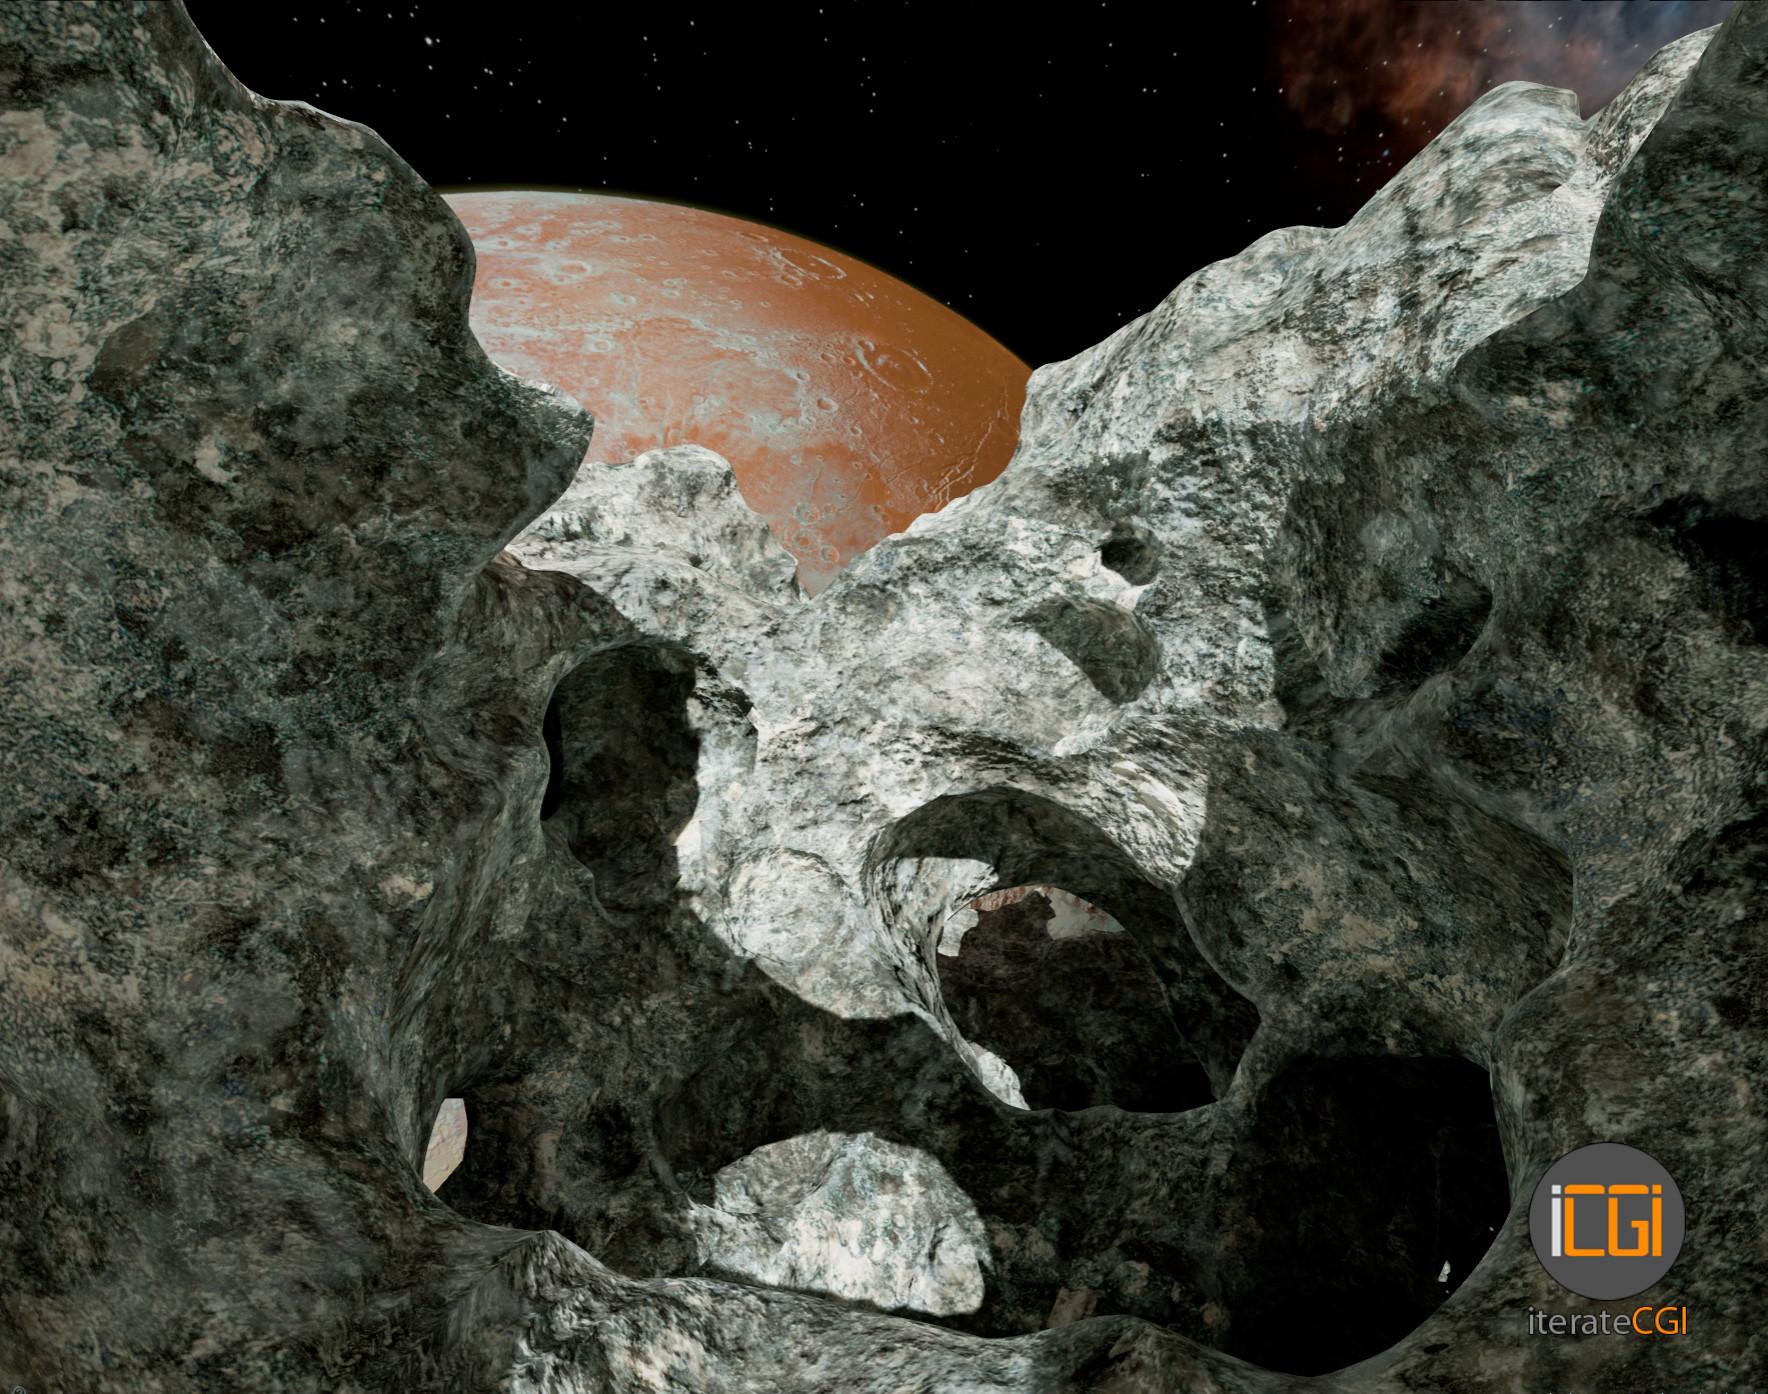 Johan de leenheer 3d asteroid game model 15